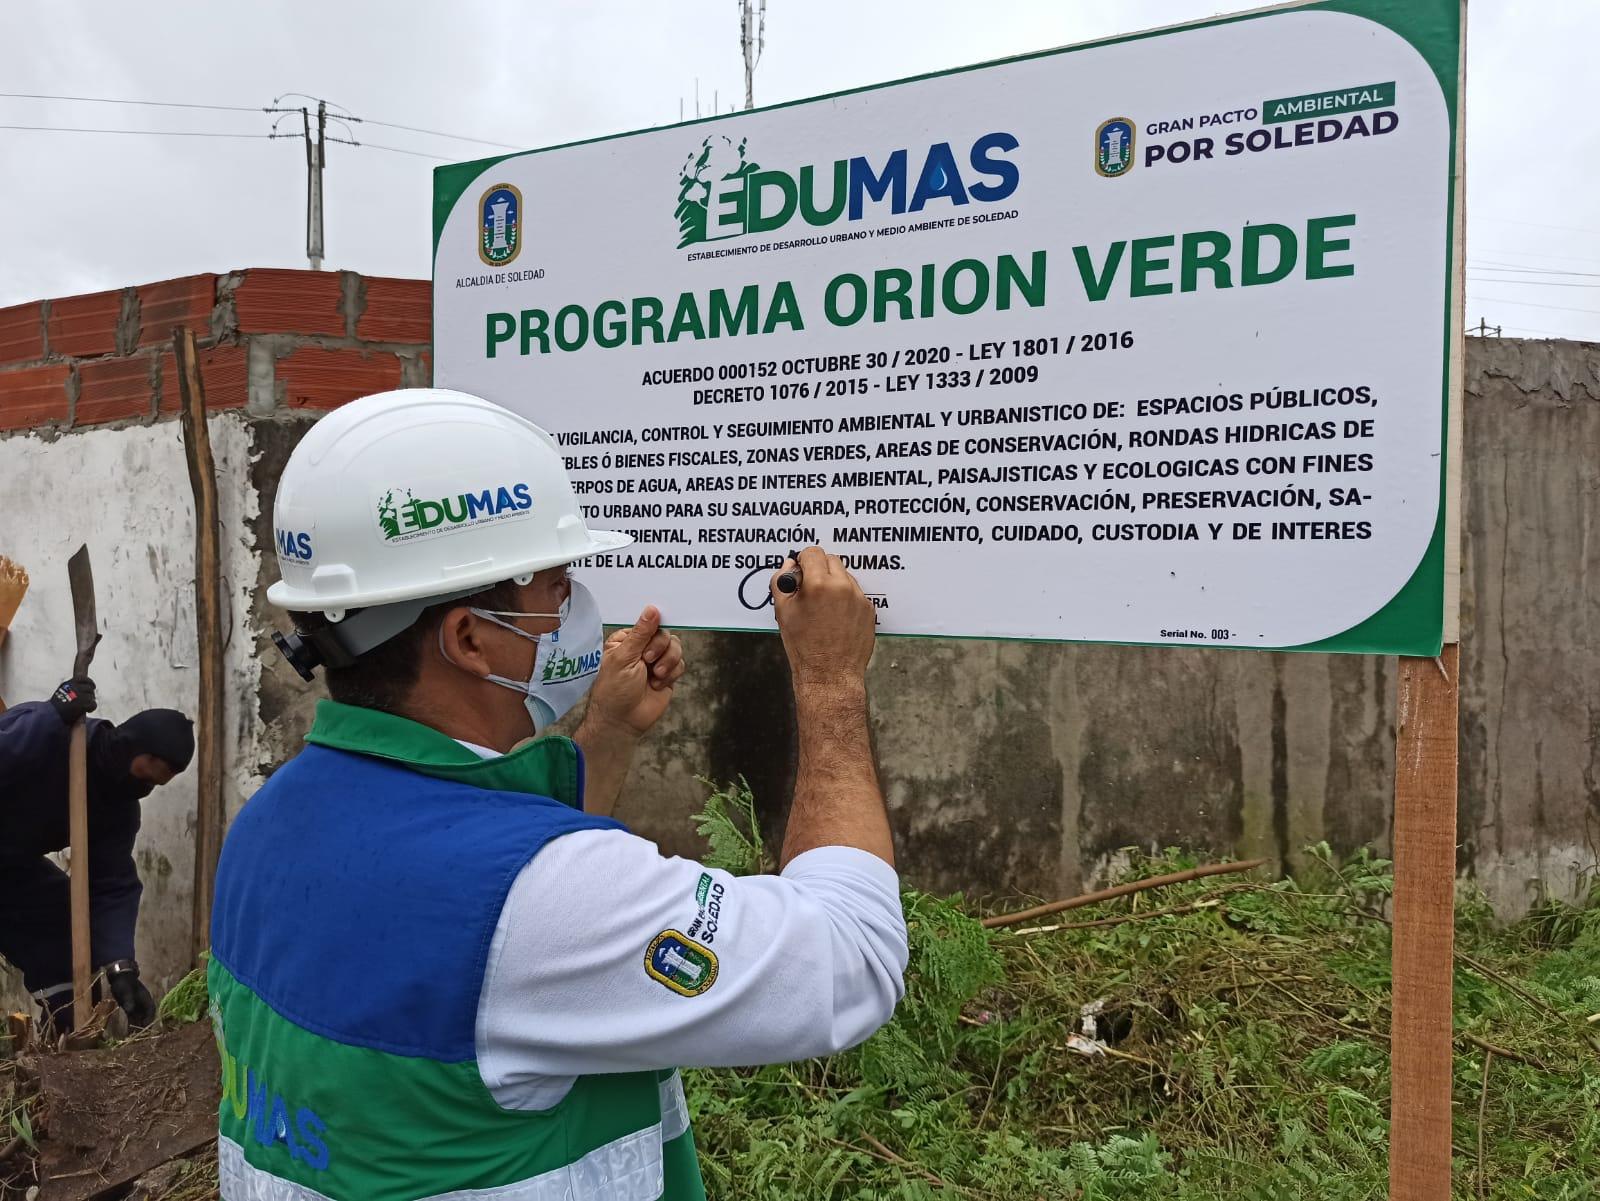 Orión Verde, Programa Del Edumas Que Busca Proteger Los Predios Públicos